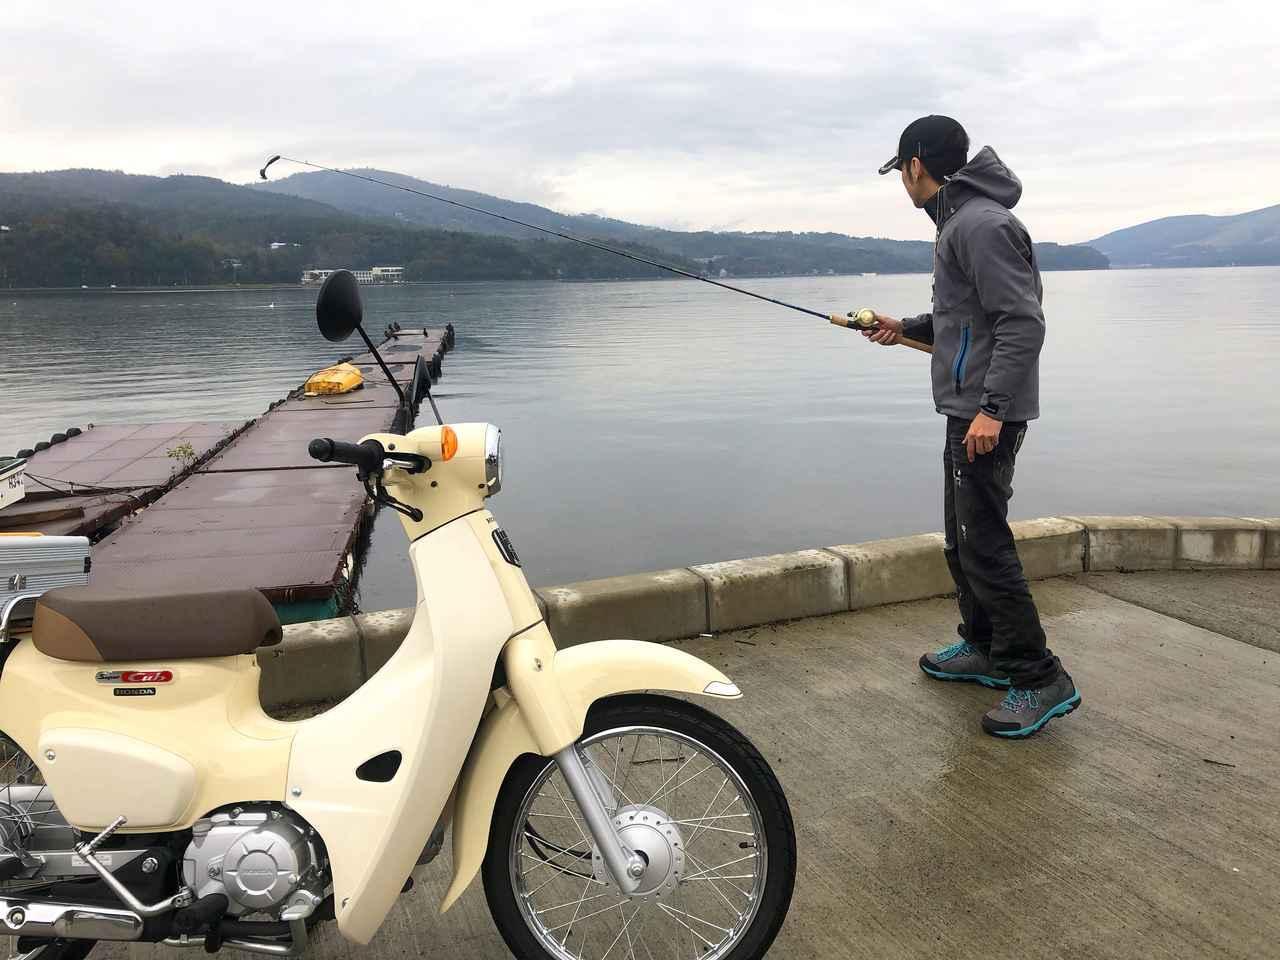 画像: カブ×釣りで実感! 最強の原付二種は、やっぱりスーパーカブでした。【ホンダオールすごろく/第16回 Super Cub 110】 - A Little Honda